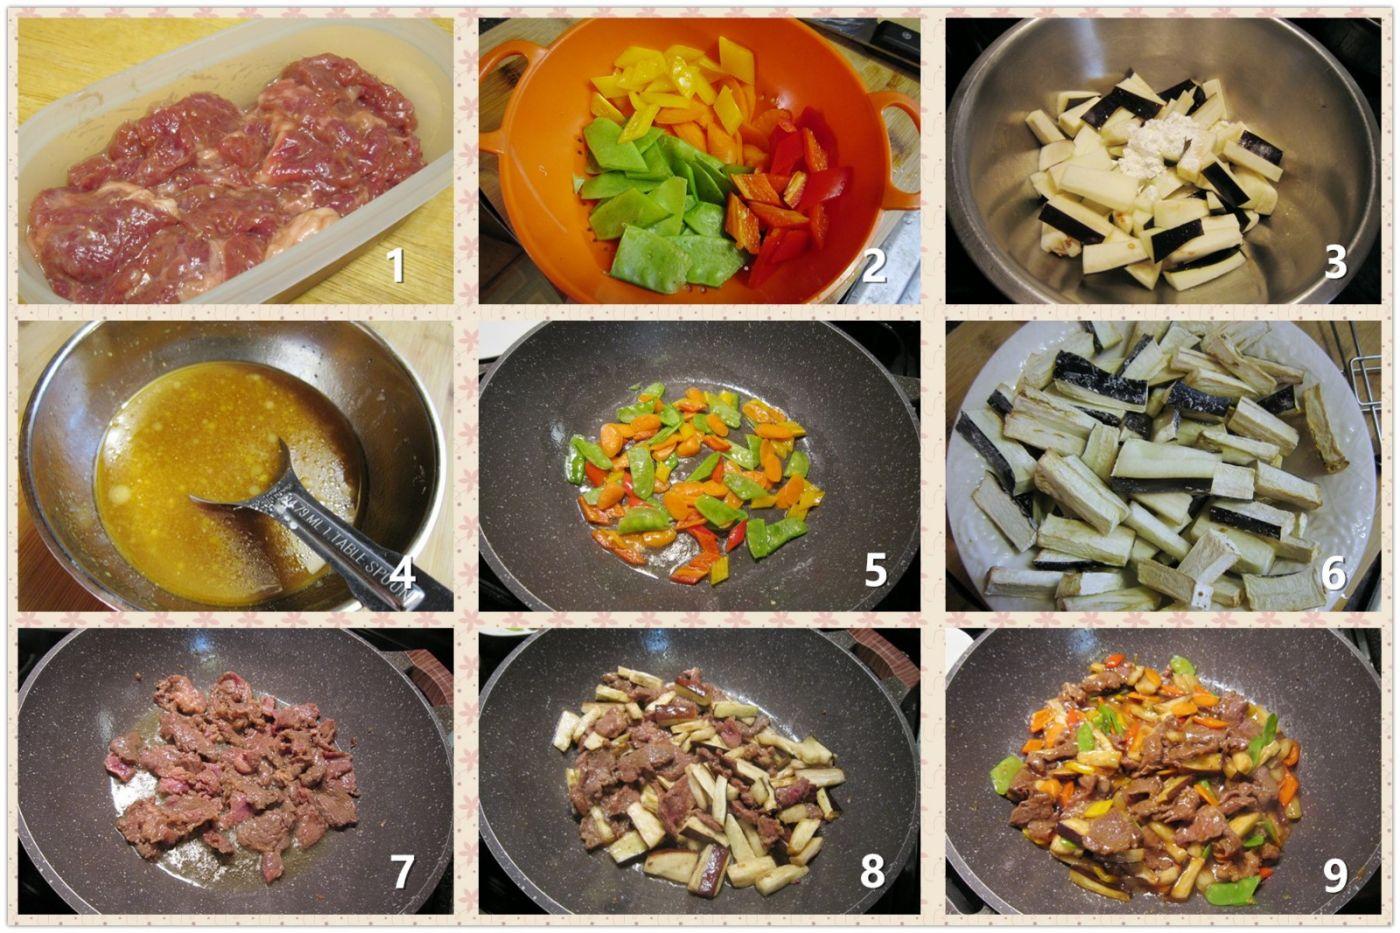 牛肉烧茄子_图1-2